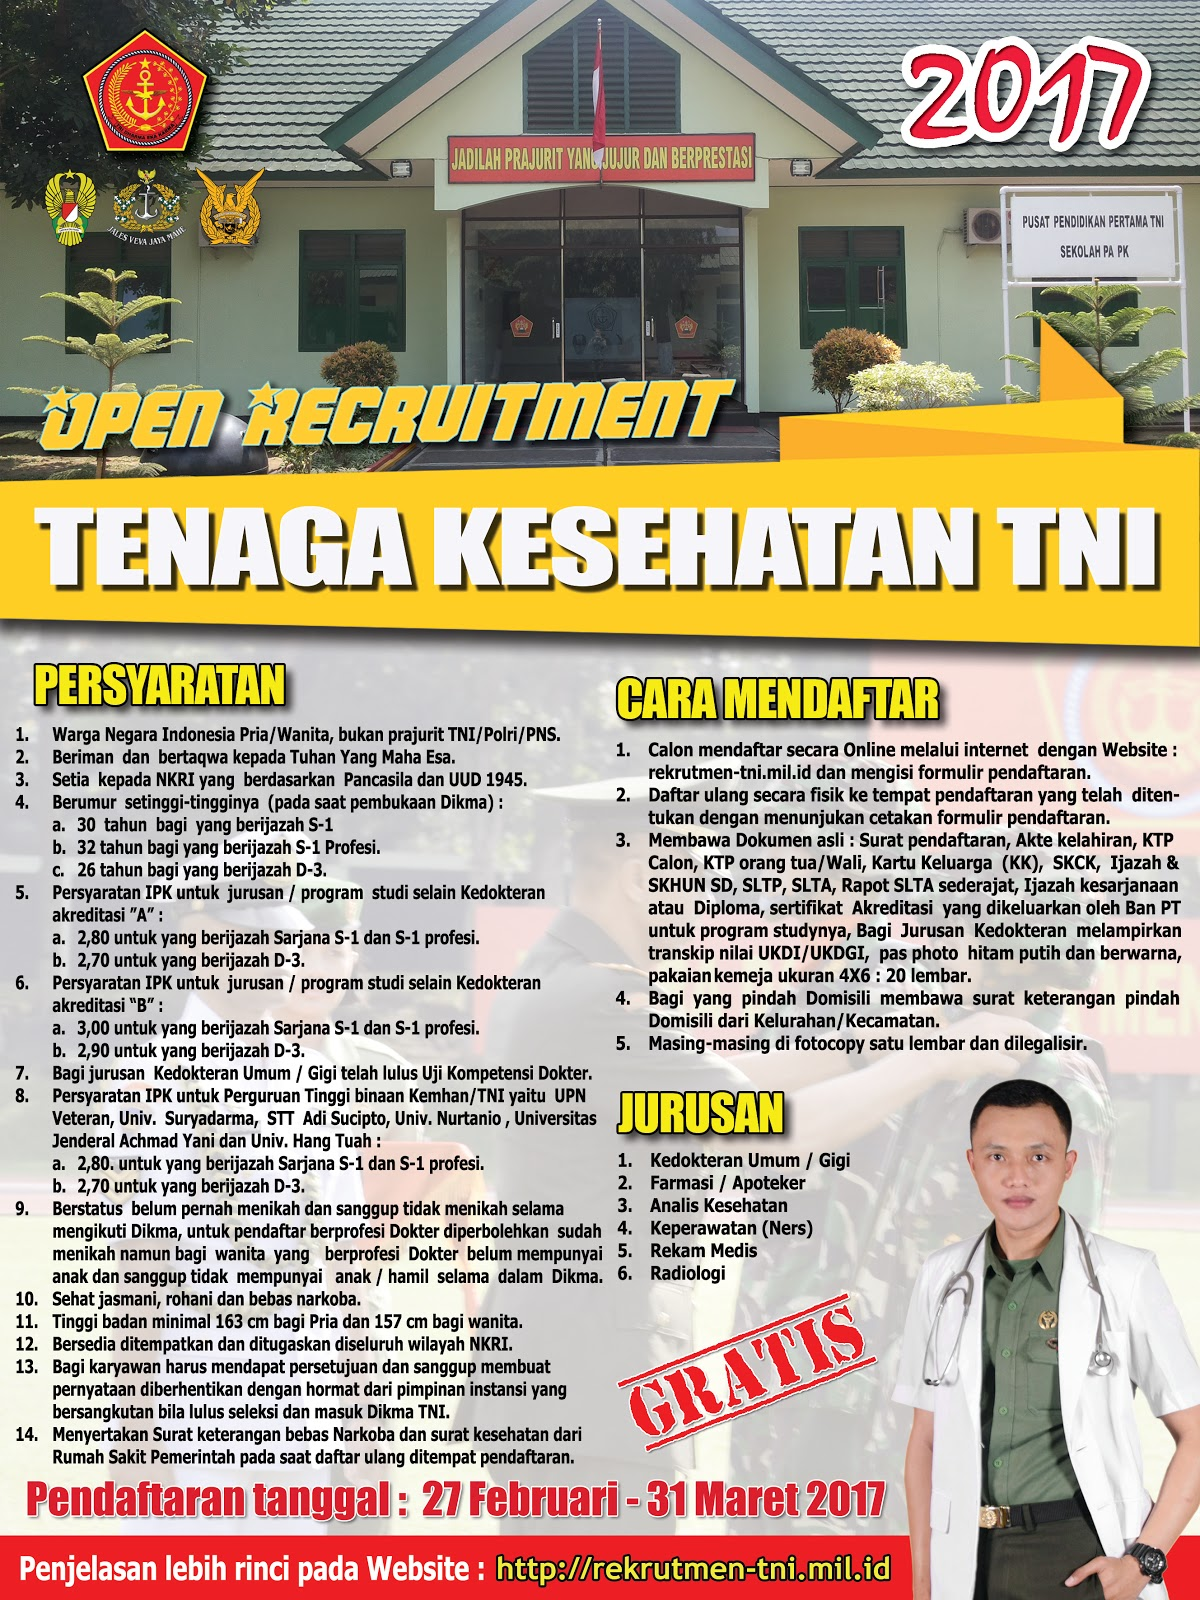 Penerimaan Tenaga Kesehatan TNI Tahun 2017 Minimal D3